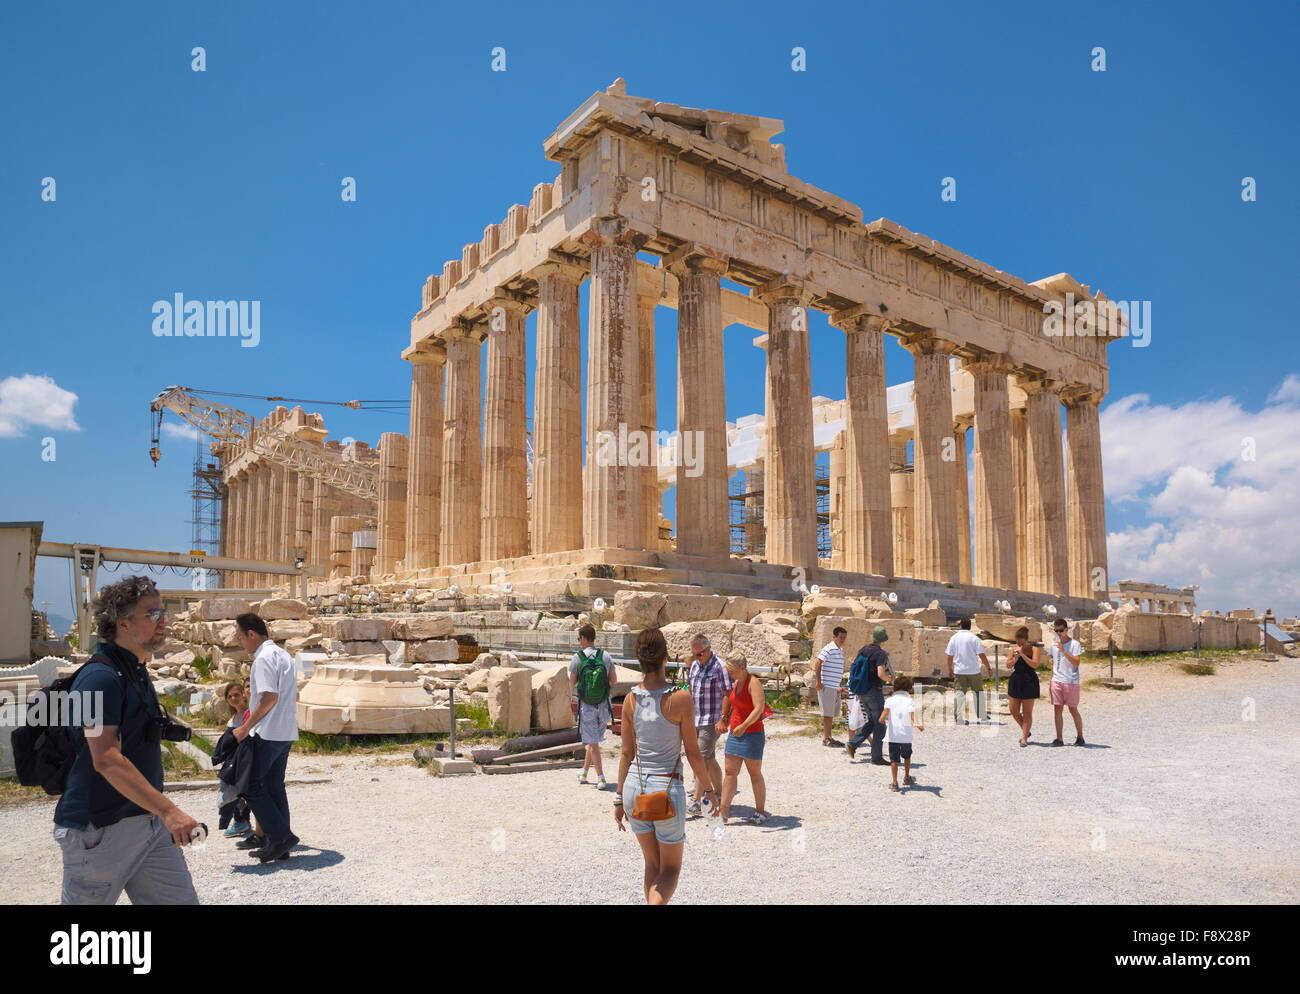 Acropolis of Athens - Parthenon Temple, Athens, Greece, UNESCO - Stock Image